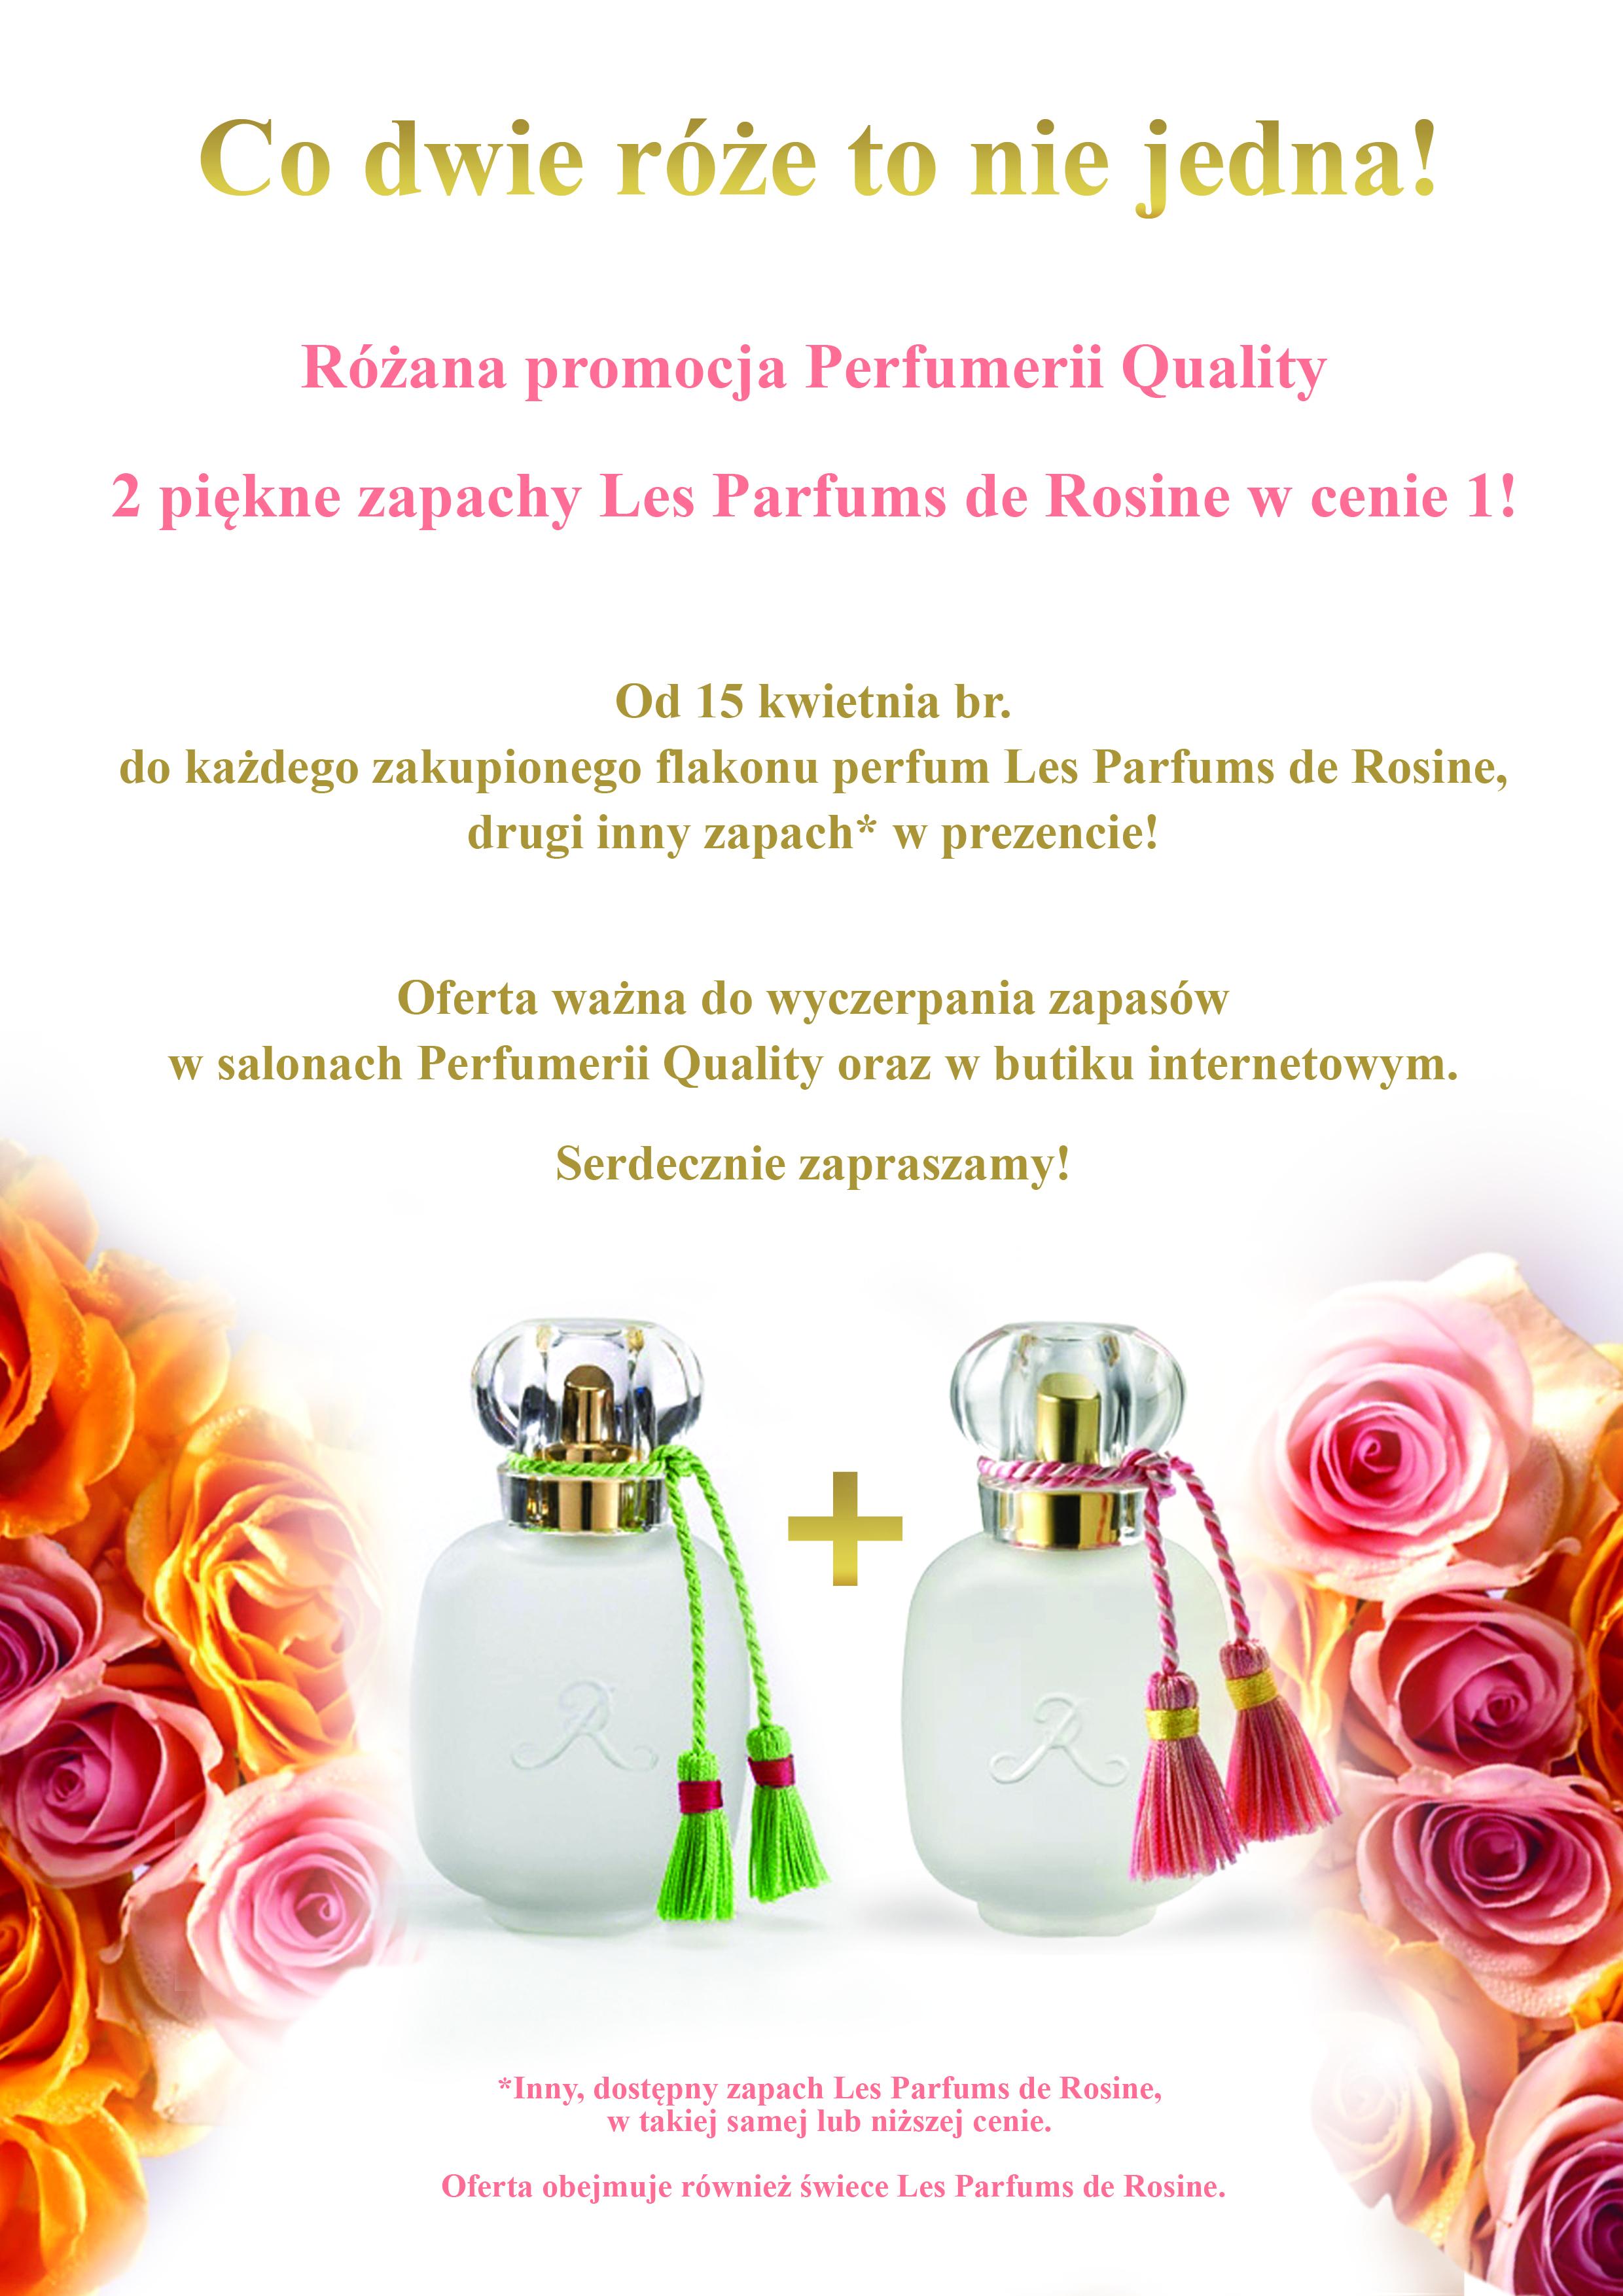 Promocja Les Parfums de Rosine_A4 dla perfumerii